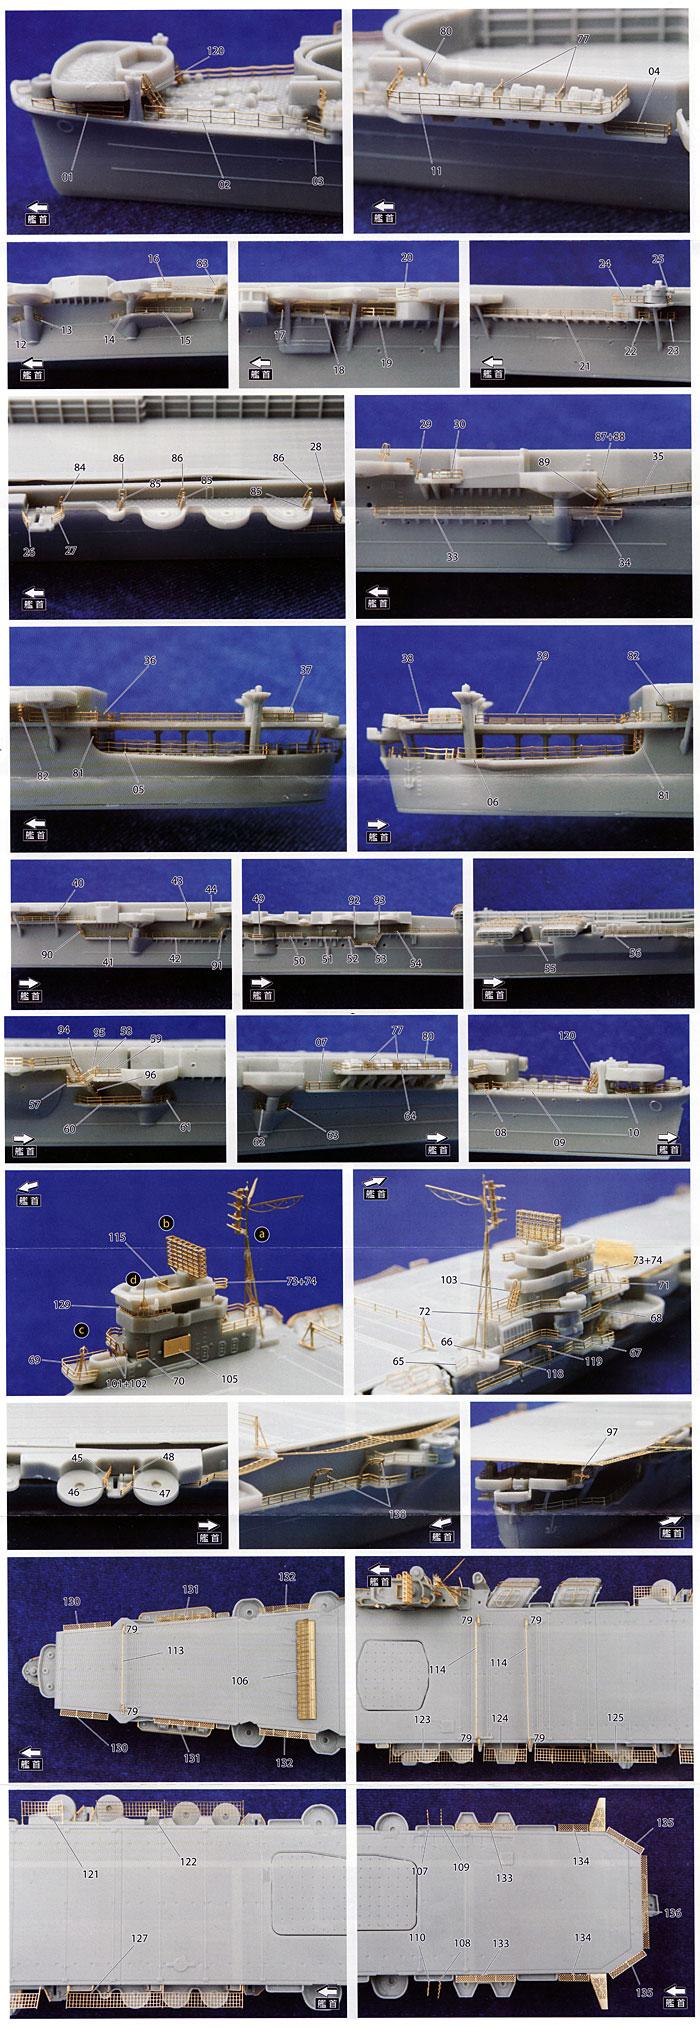 日本海軍 航空母艦 雲龍 専用エッチングセットエッチング(アオシマ1/700 ウォーターライン ディテールアップパーツNo.03992)商品画像_2